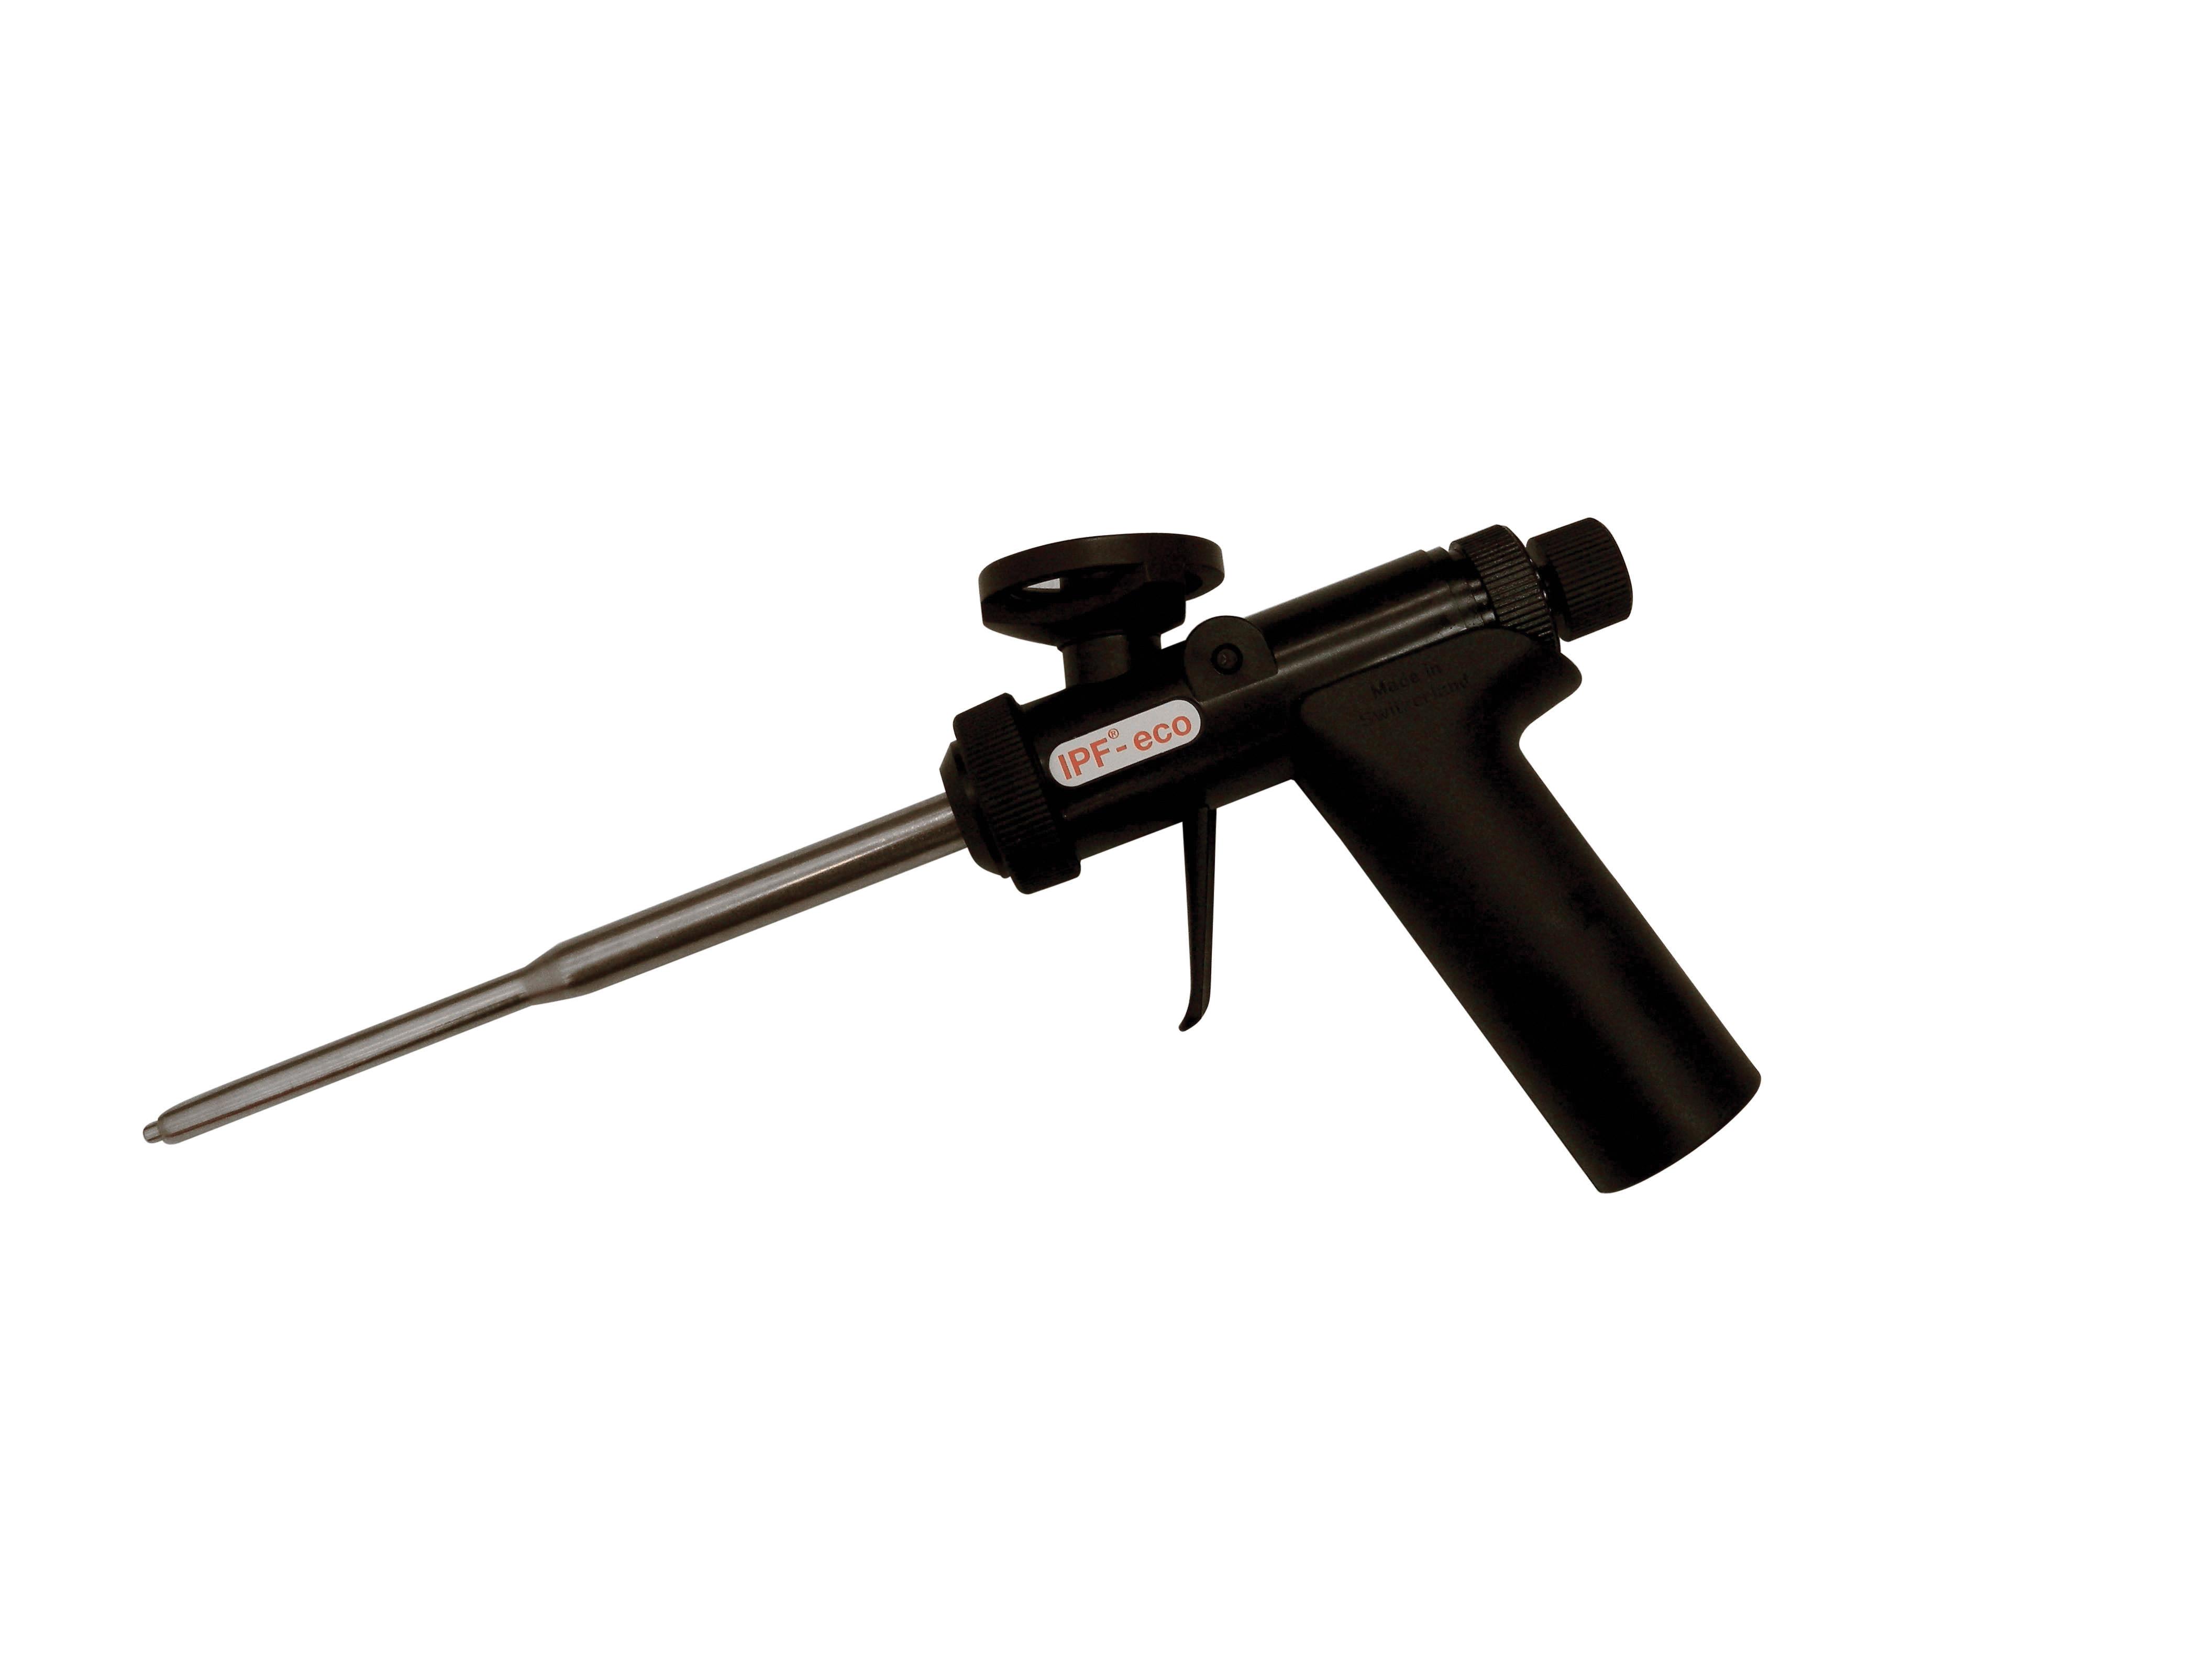 PISTOLA PER FASSA MOUSSE: Pistola per schiuma di riempimento Fassa Mousse